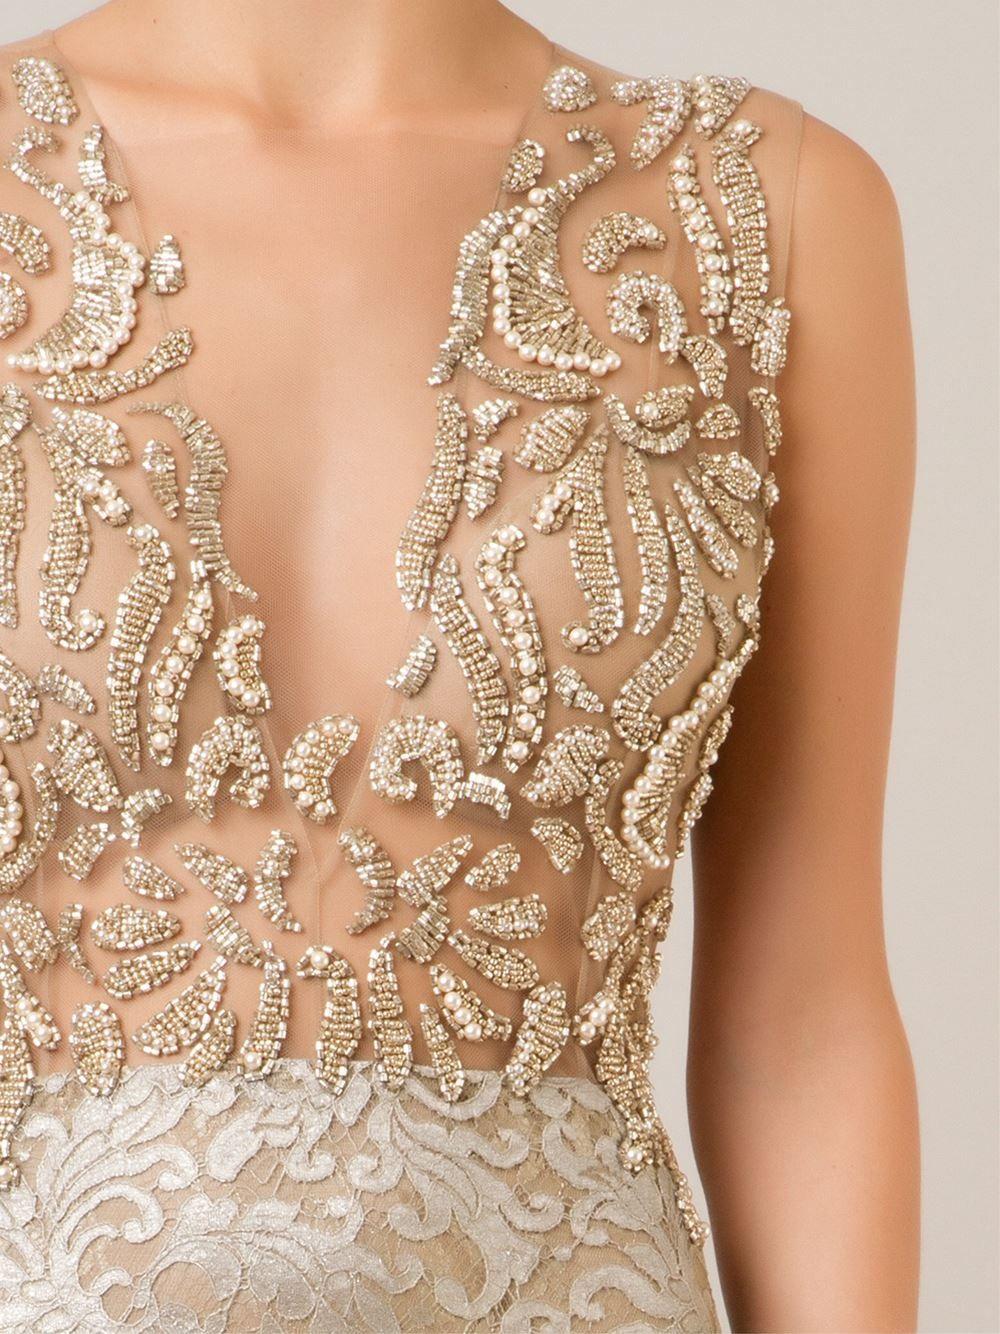 Картинка платья и украшение